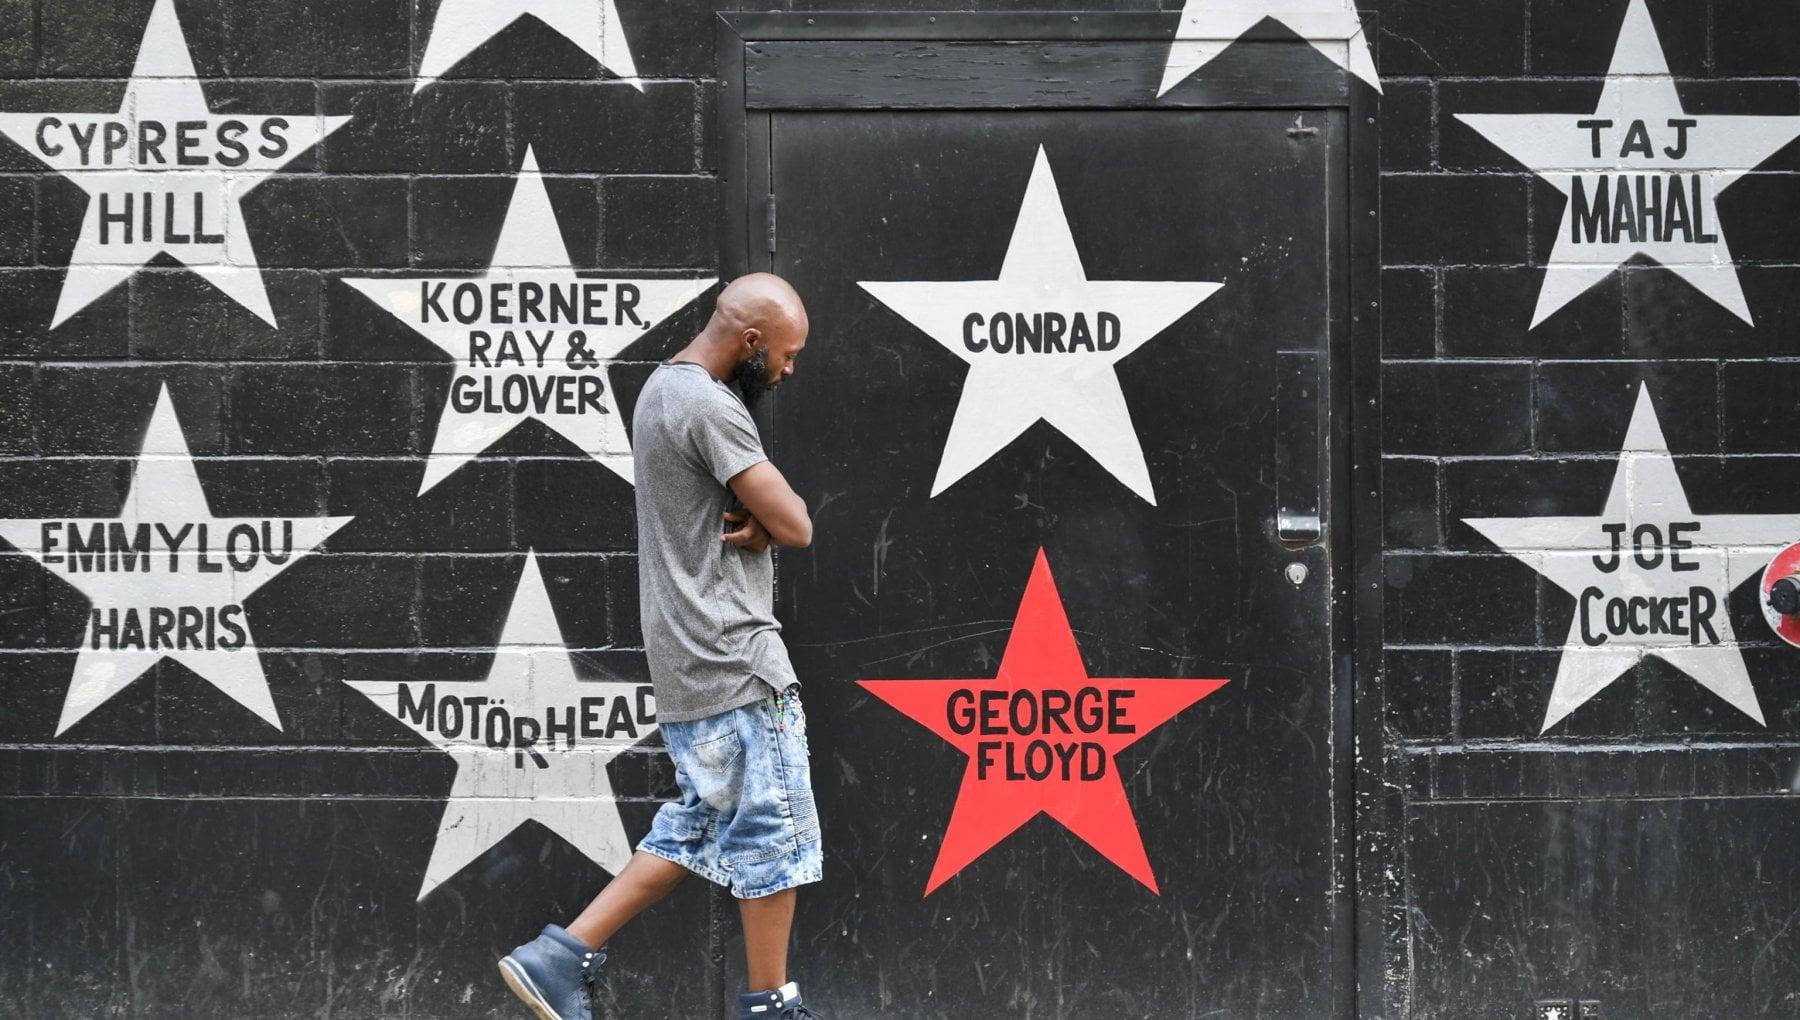 101937367 569c0e79 c140 4f52 859d ad2885042ba0 - Un anno dopo la morte di George Floyd, l'America si interroga sul razzismo: le conquiste di Black Lives Matter e la polizia che non cambia